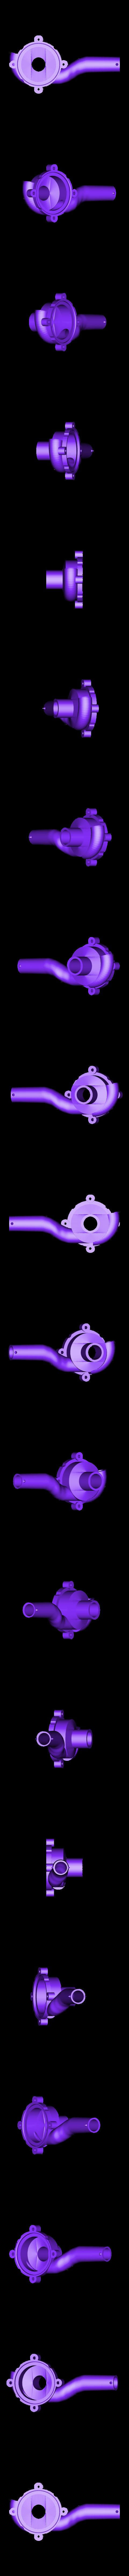 housing.STL Télécharger fichier STL gratuit Pompe à eau centrifuge - 15% plus grande • Plan pour impression 3D, Urukgar4D